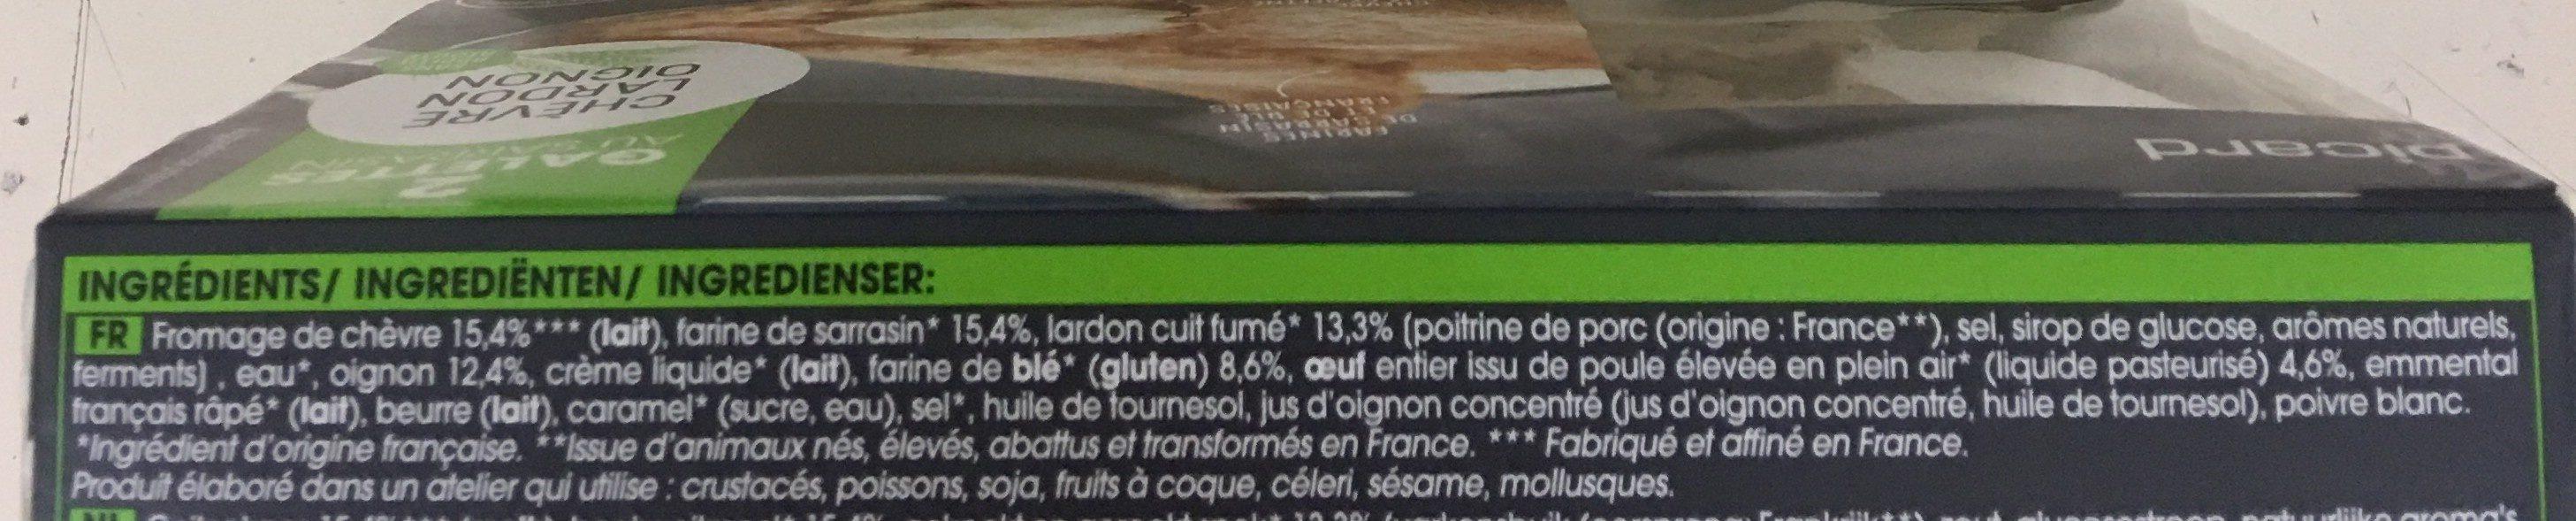 2 galettes chèvre-lardon-oignon - Ingrédients - fr